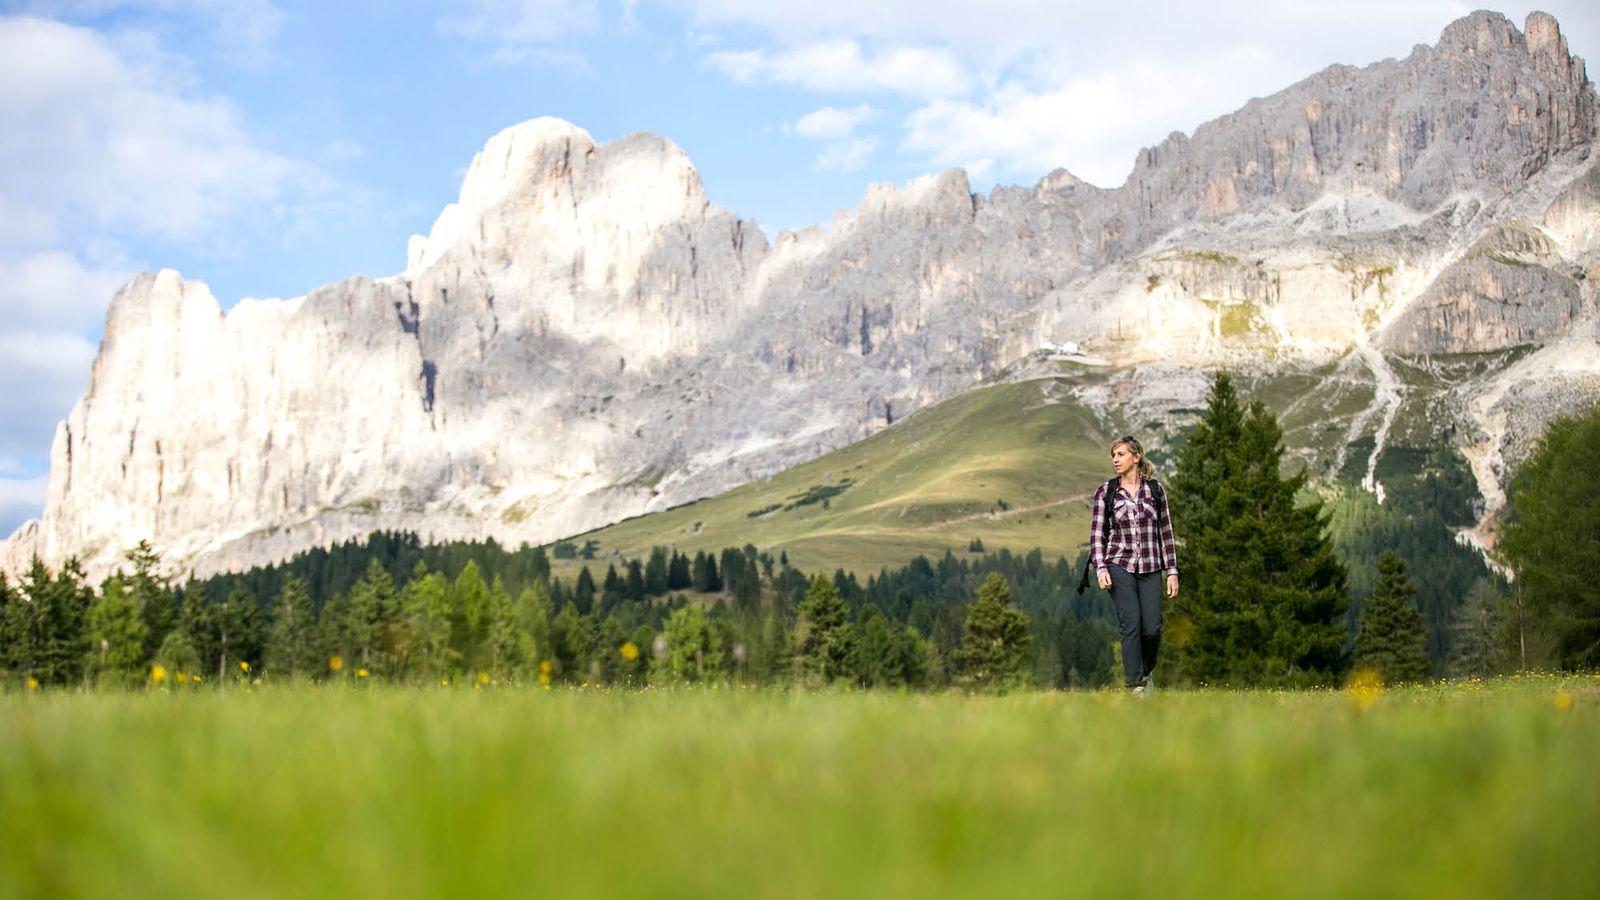 auf den bergen wohnt die freiheit